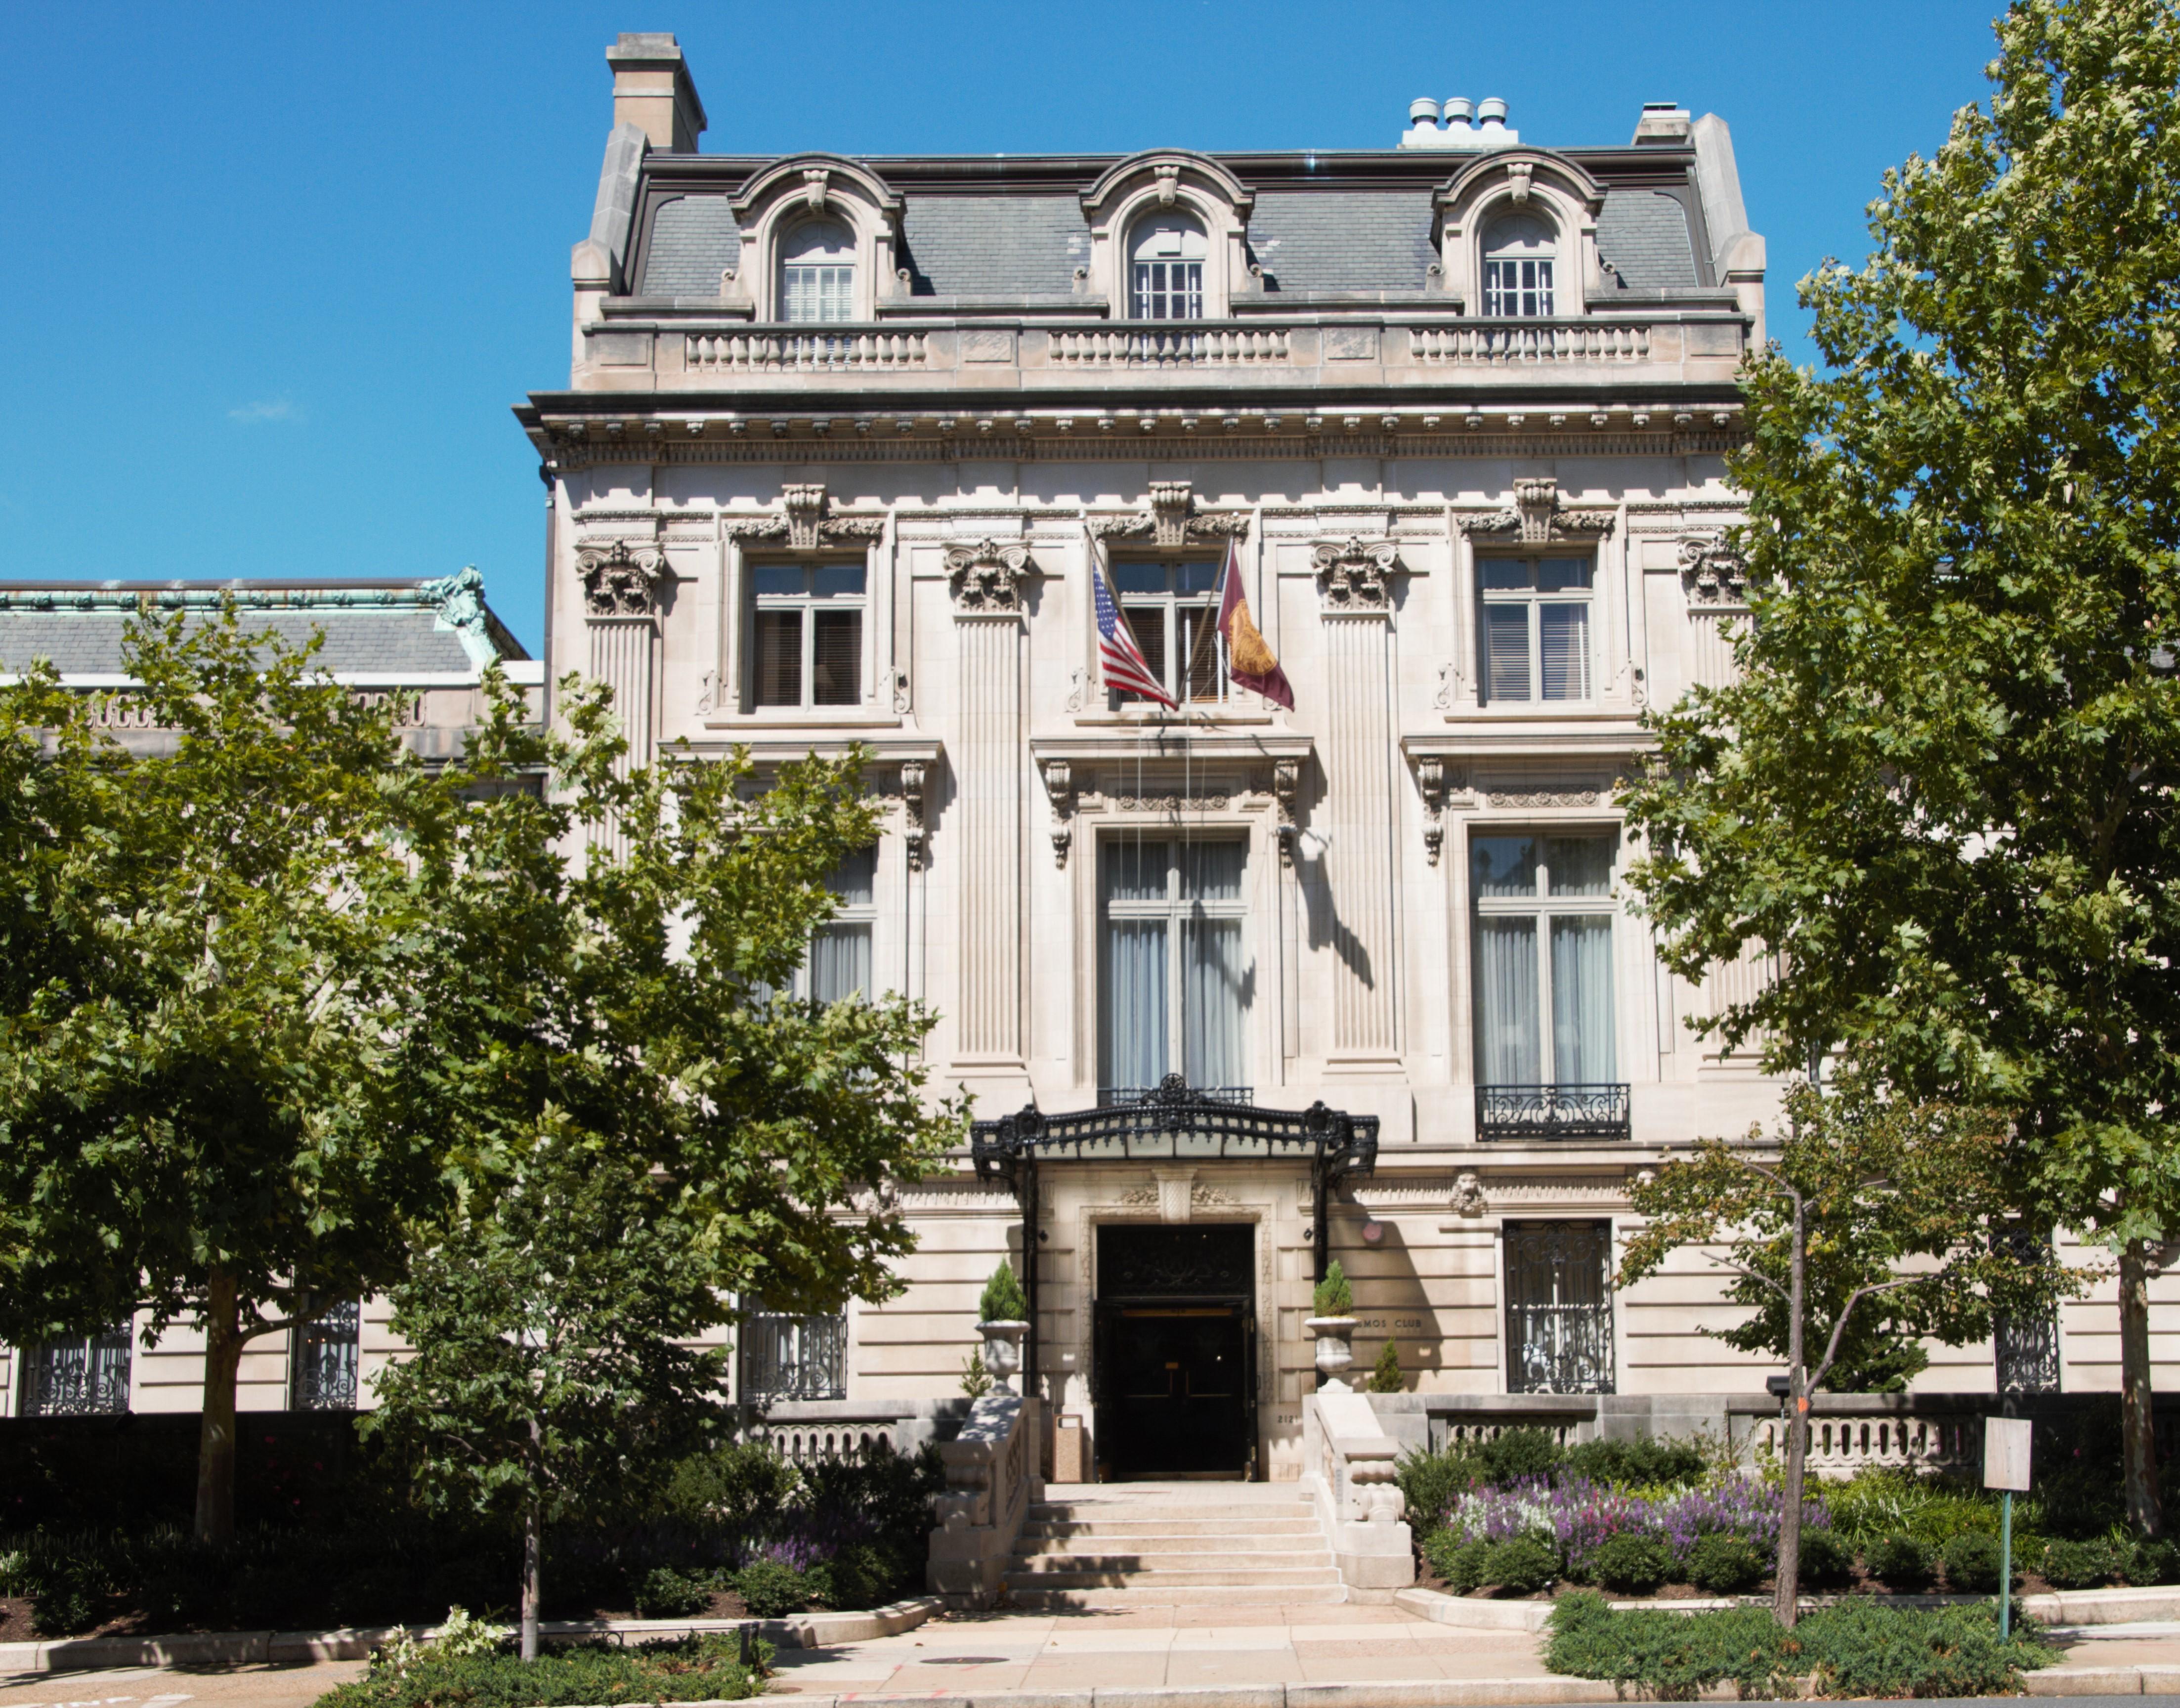 Вашингтон дом крутящийся дом дубай